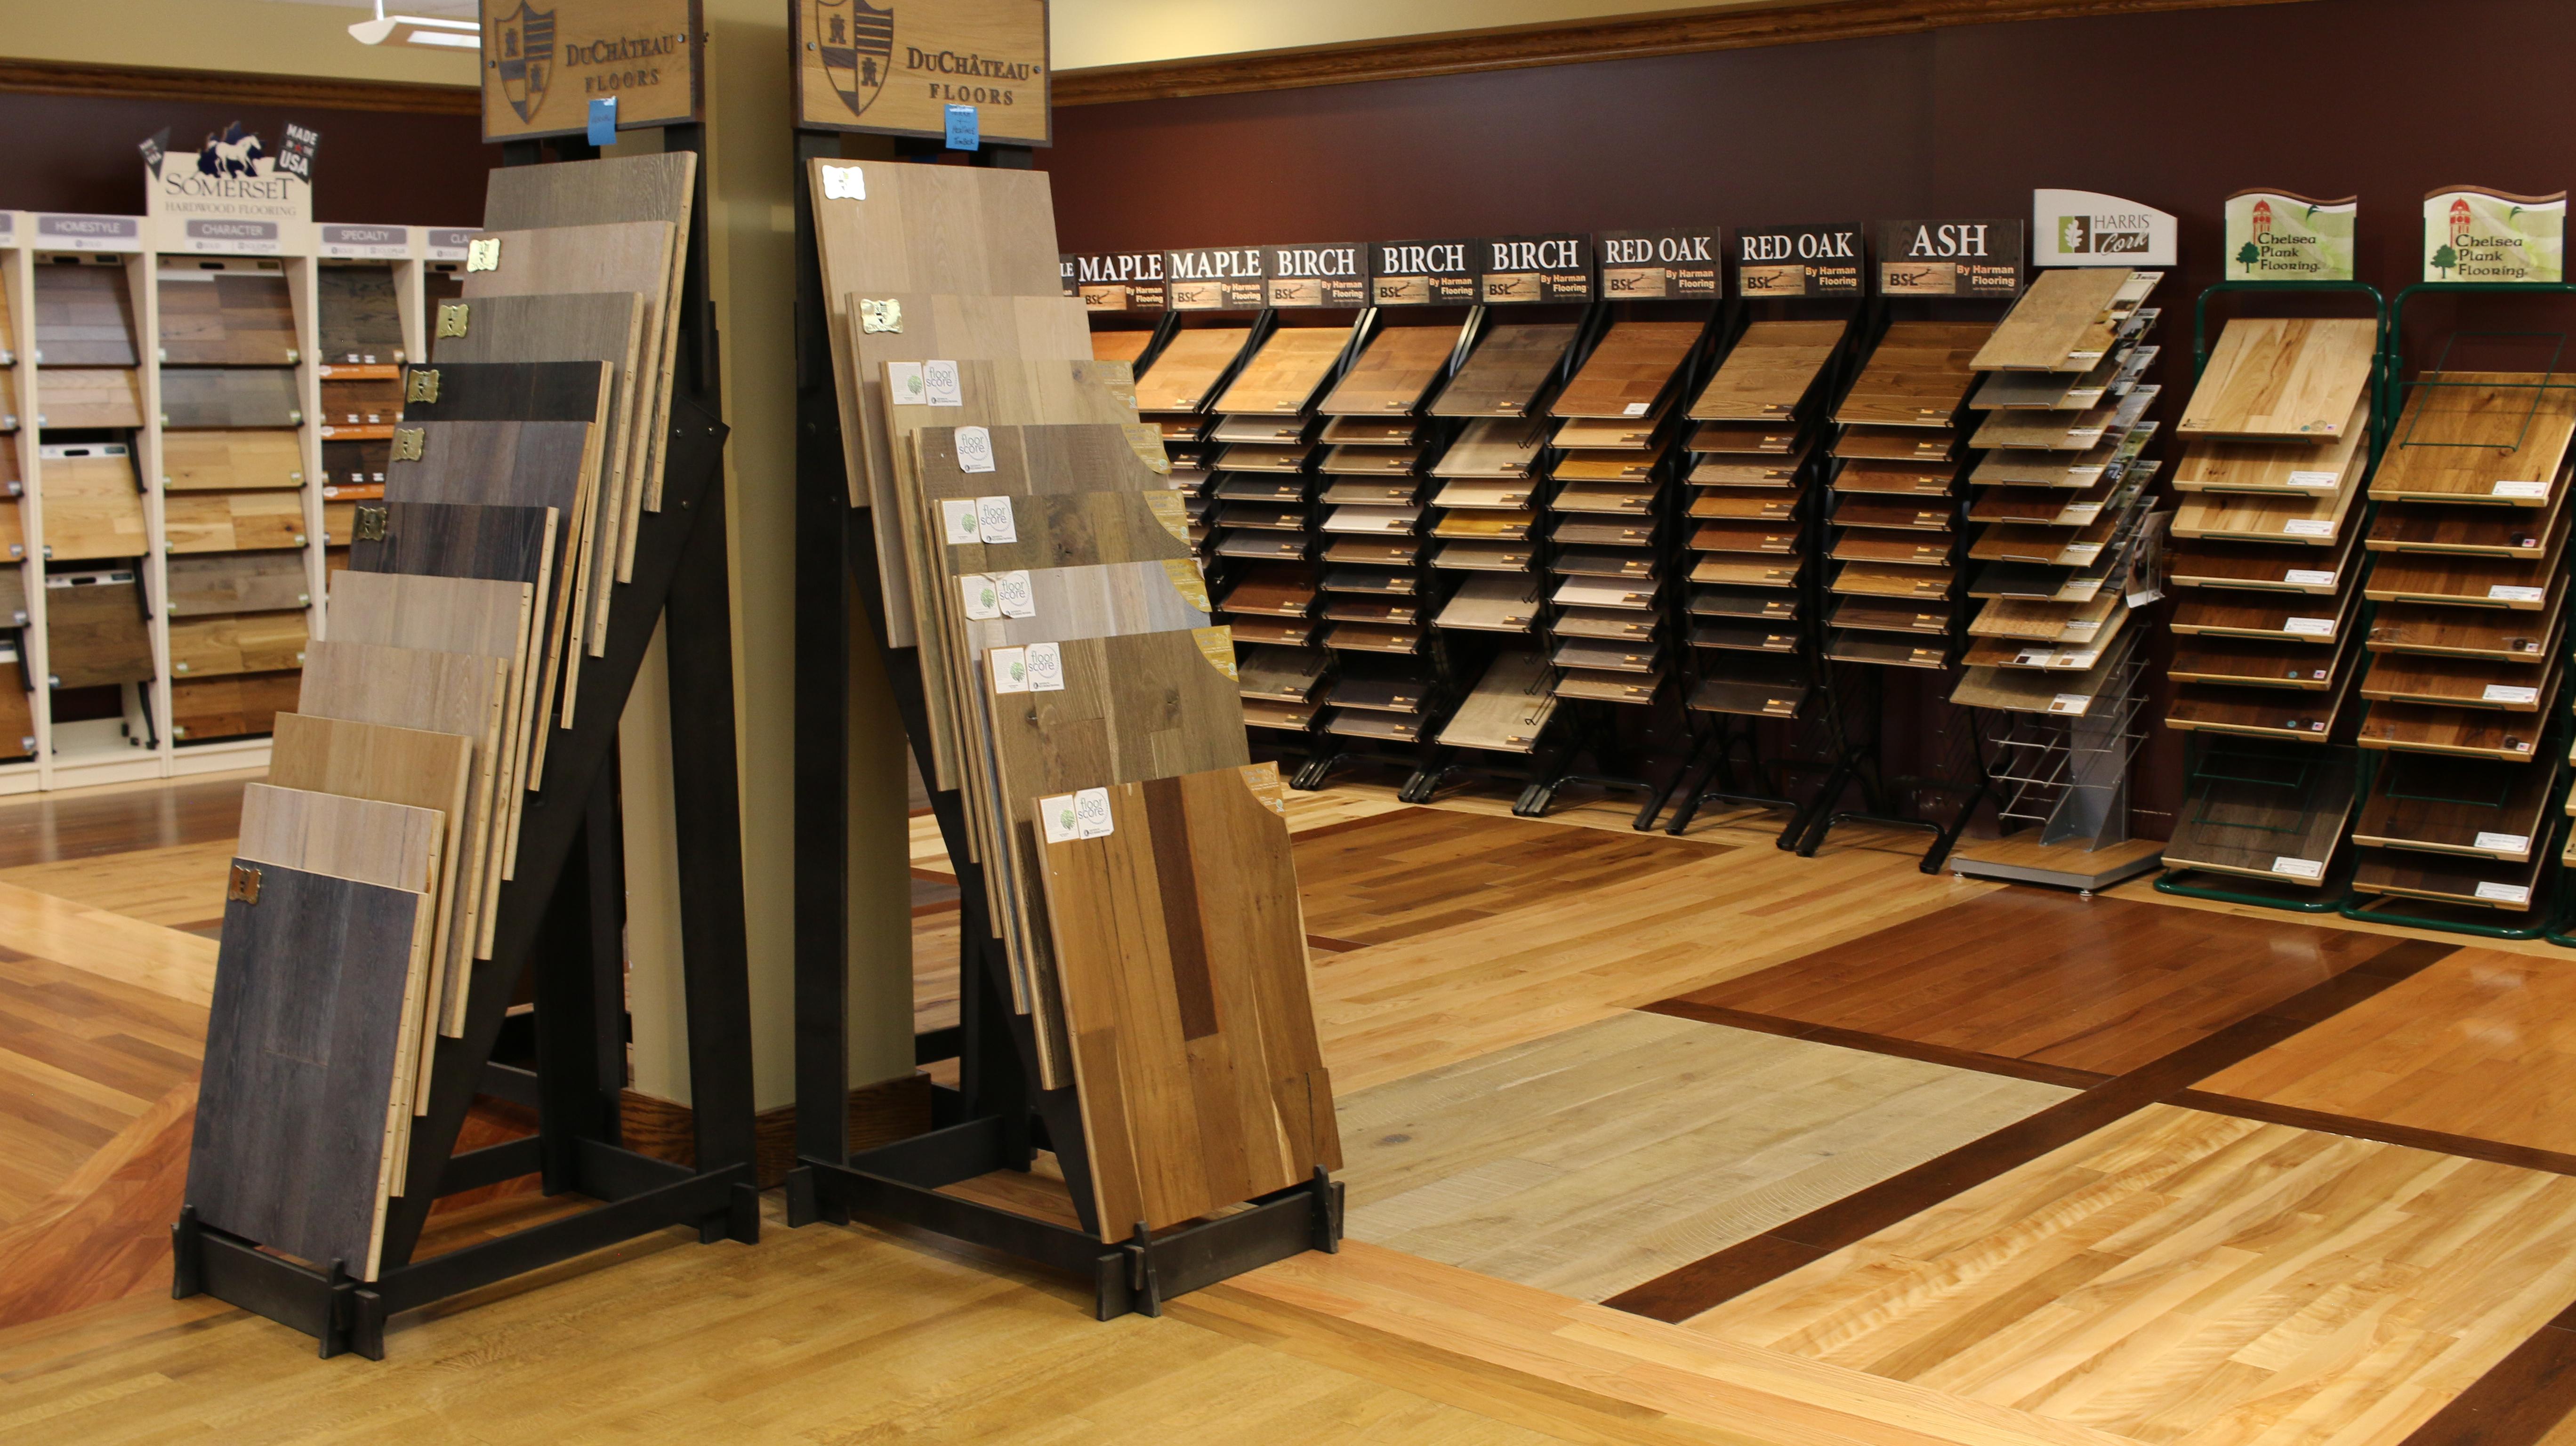 The History Of Harman Hardwood Flooring Co Harman Hardwood